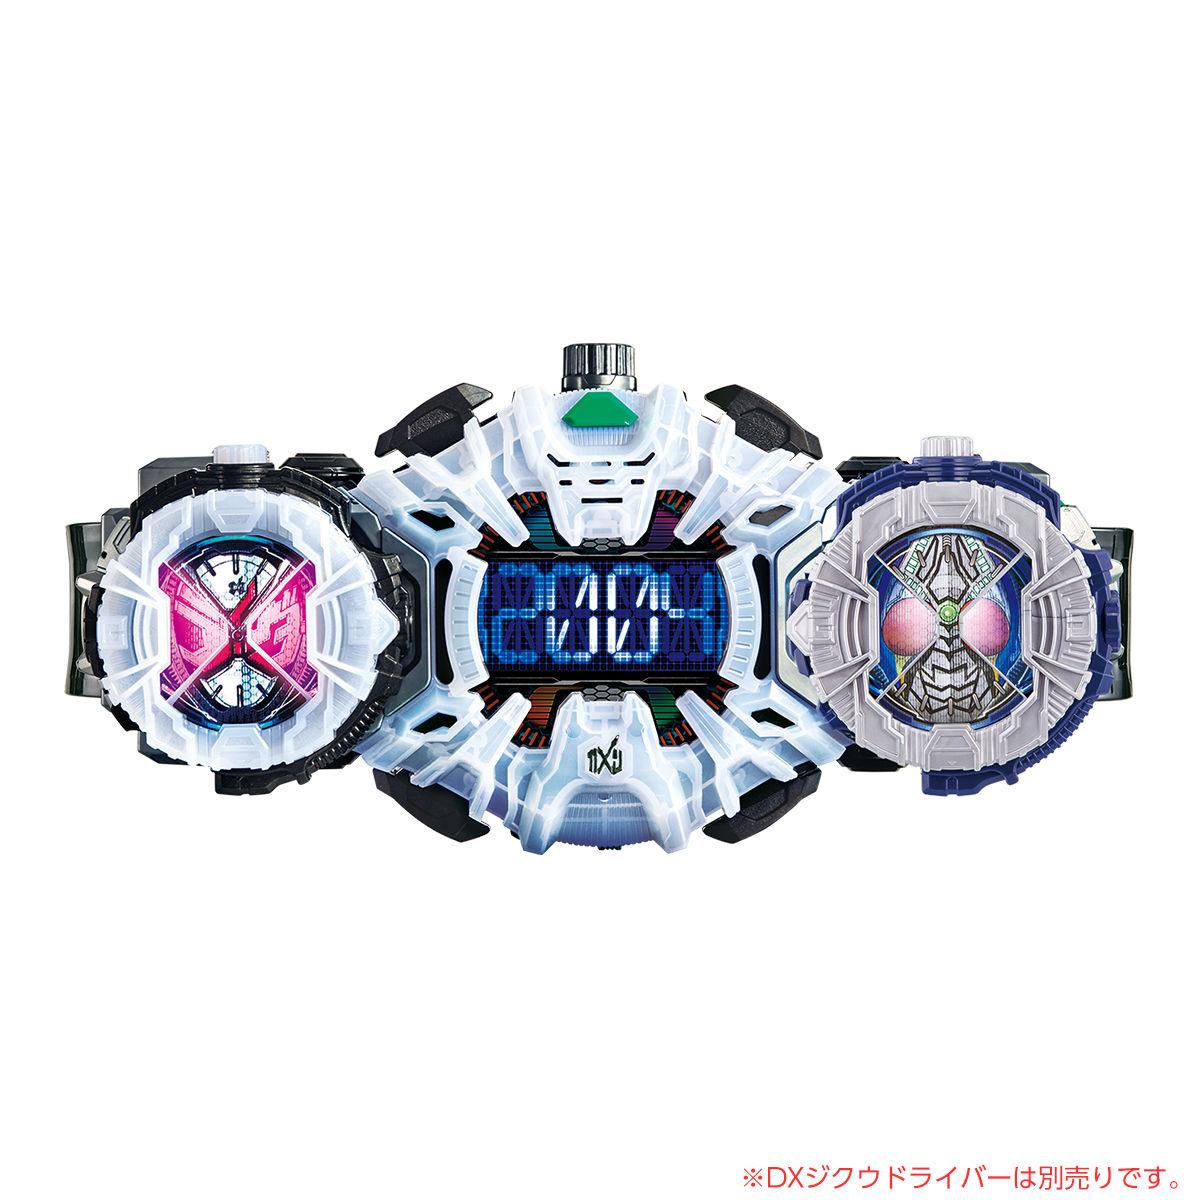 仮面ライダージオウ『DXブレイドライドウォッチ』変身なりきり-004